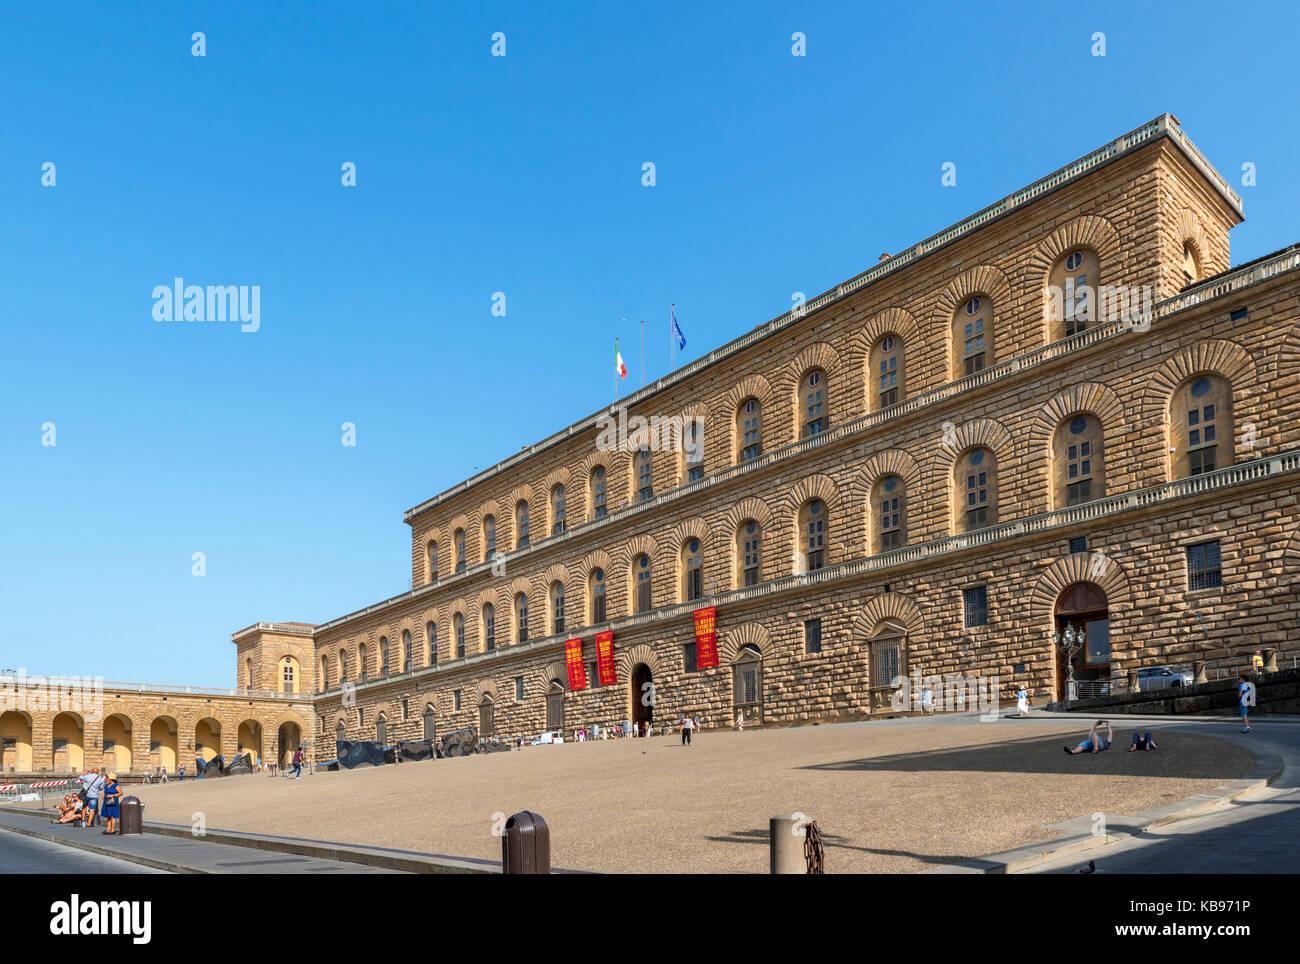 Palazzo pitti stock photos palazzo pitti stock images for Palazzo pitti